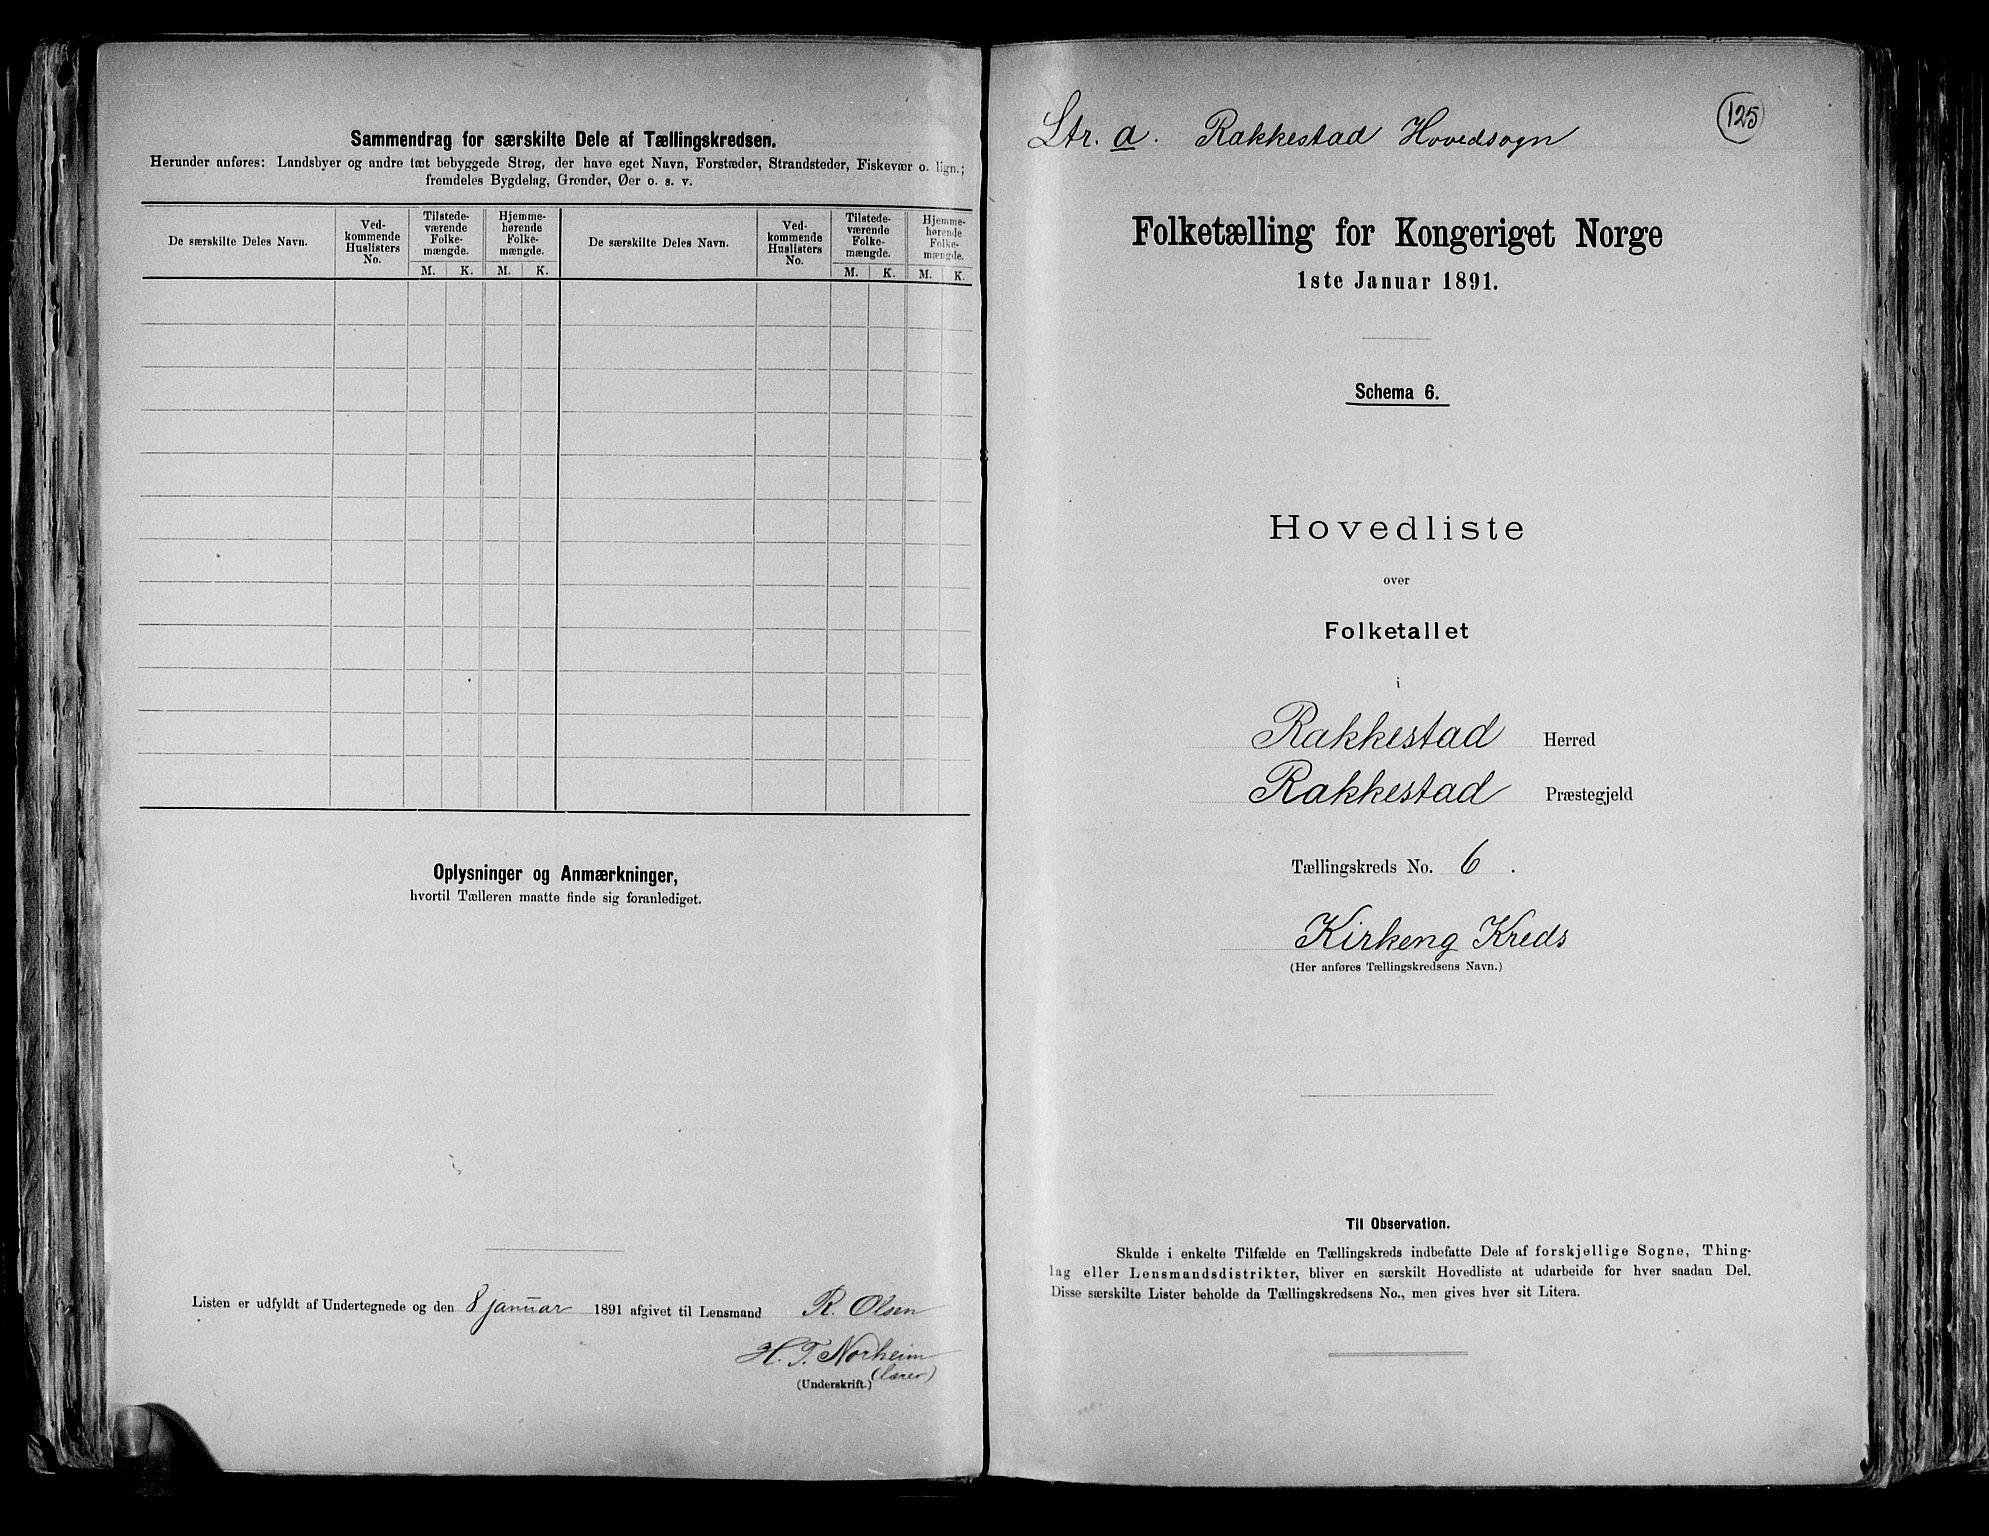 RA, Folketelling 1891 for 0128 Rakkestad herred, 1891, s. 16